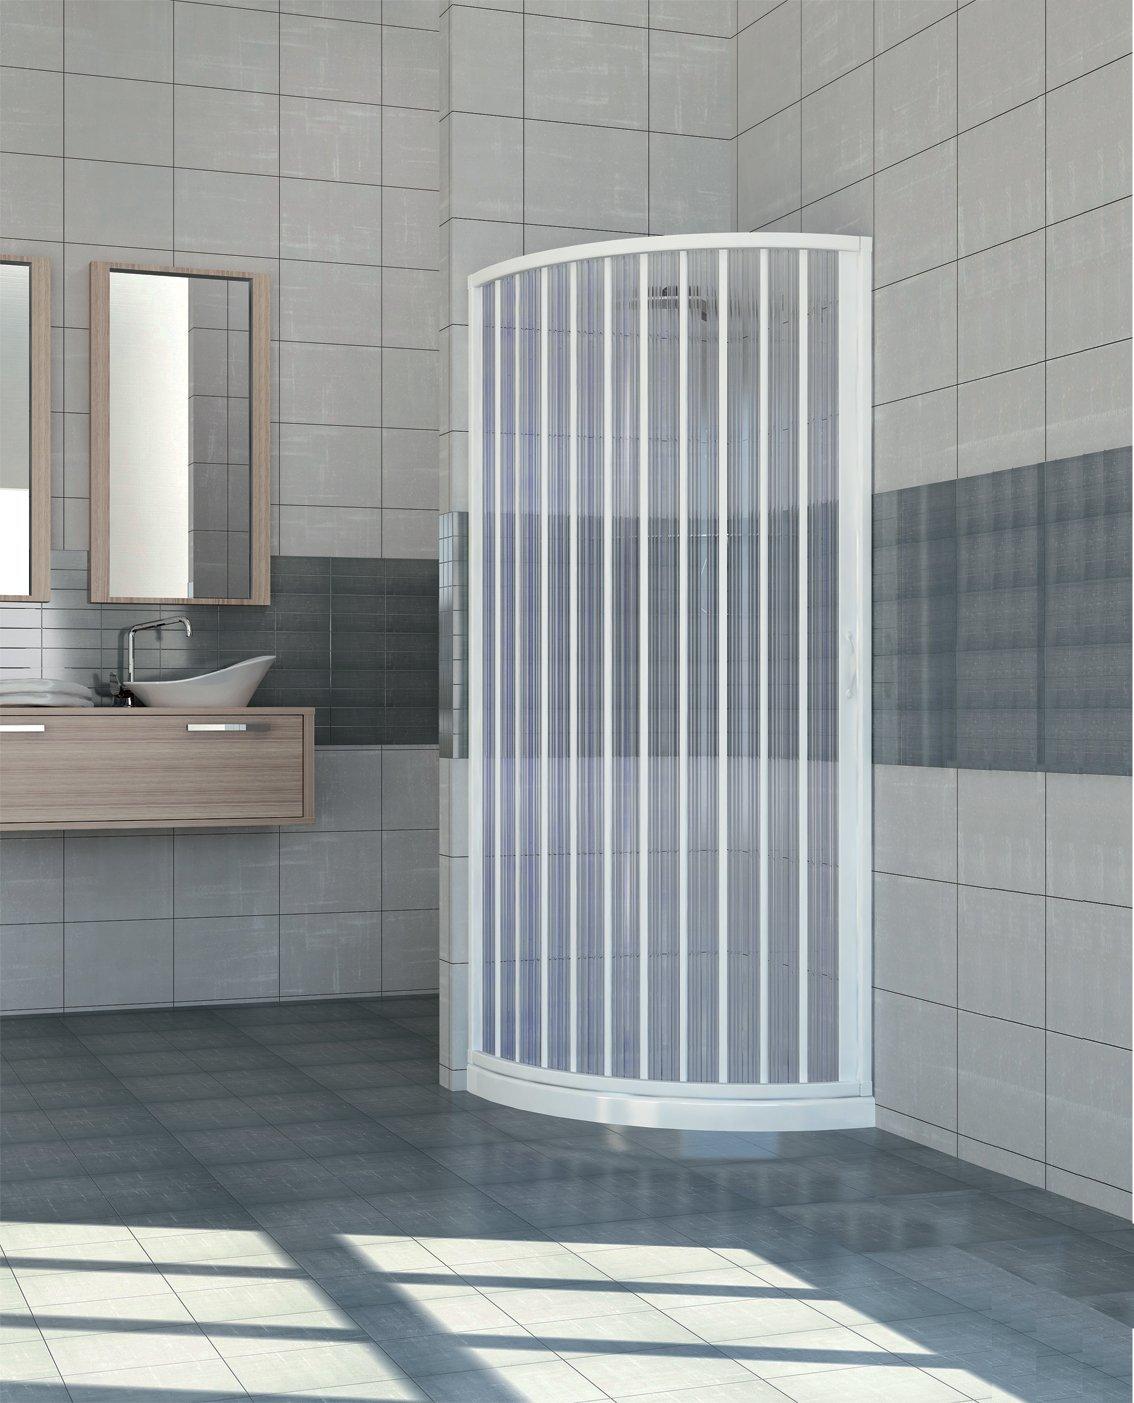 Gu a para comprar mamparas de ducha tecnocio blog - Comprar mamparas de ducha ...